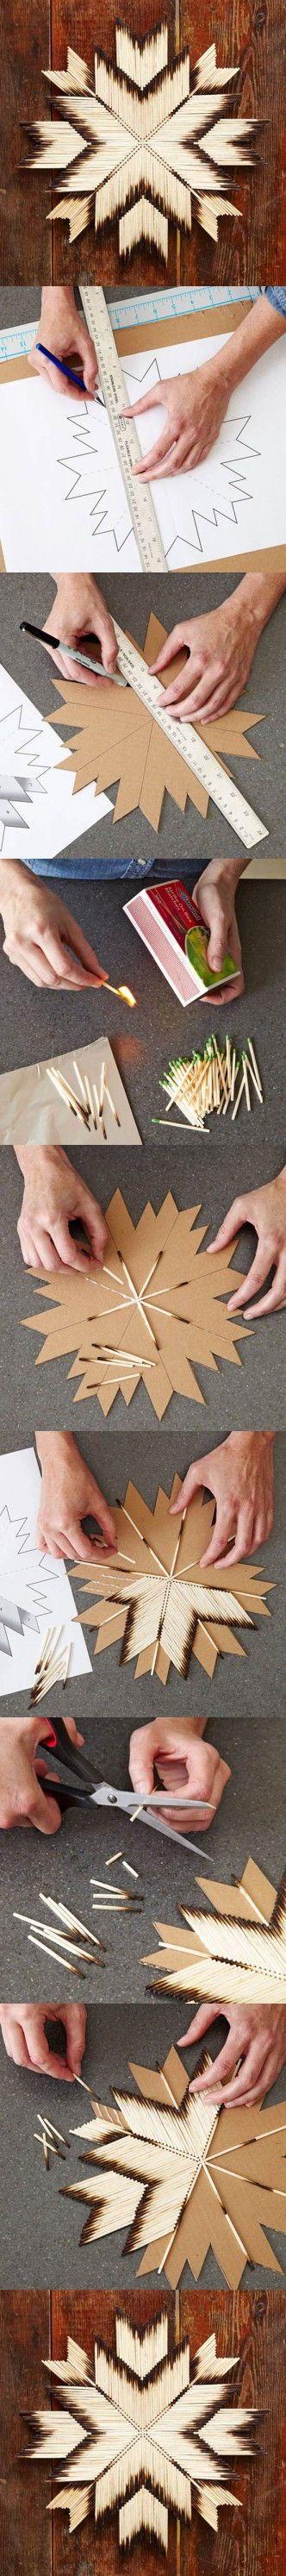 DIY Unique Matchstick Craft